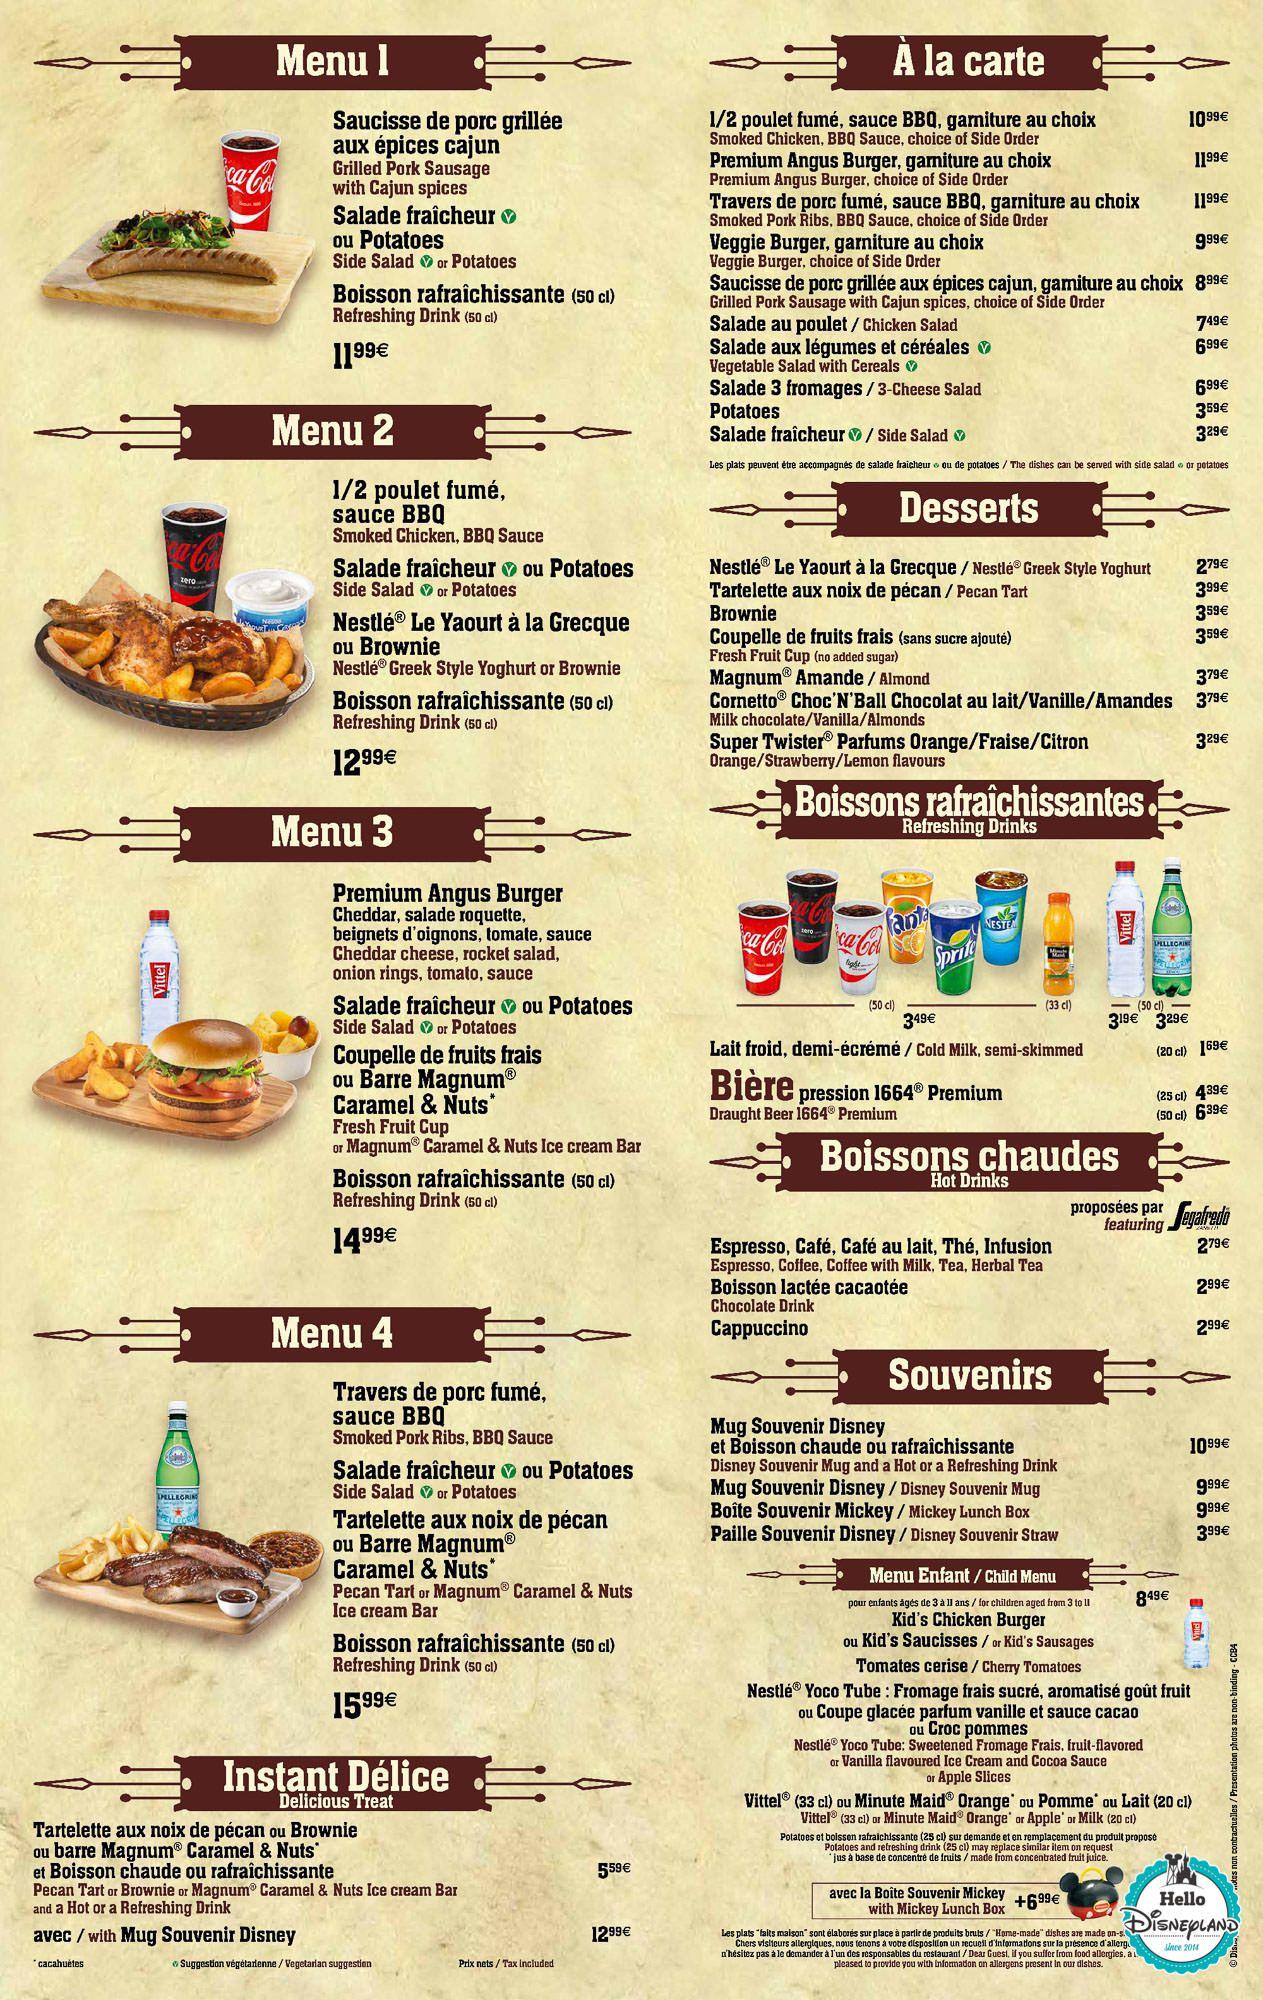 disneyland restaurants rainforest cafe